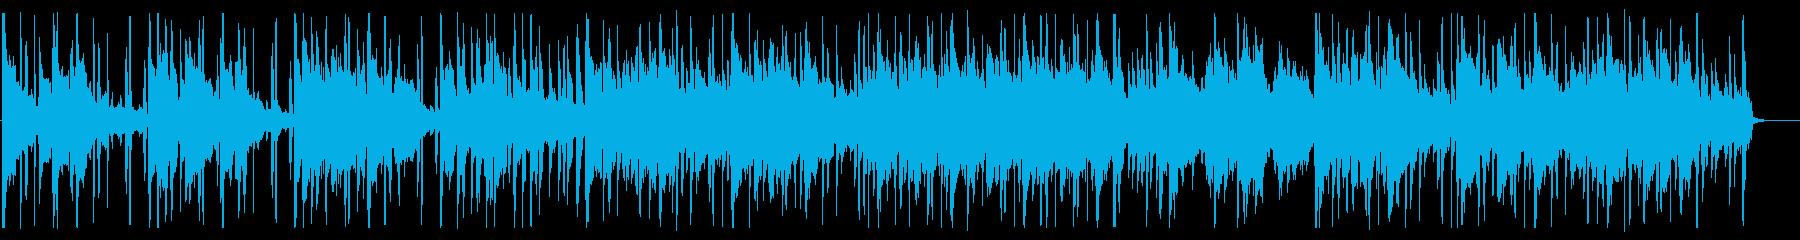 落ち着き/チル/生演奏_609_2_3の再生済みの波形